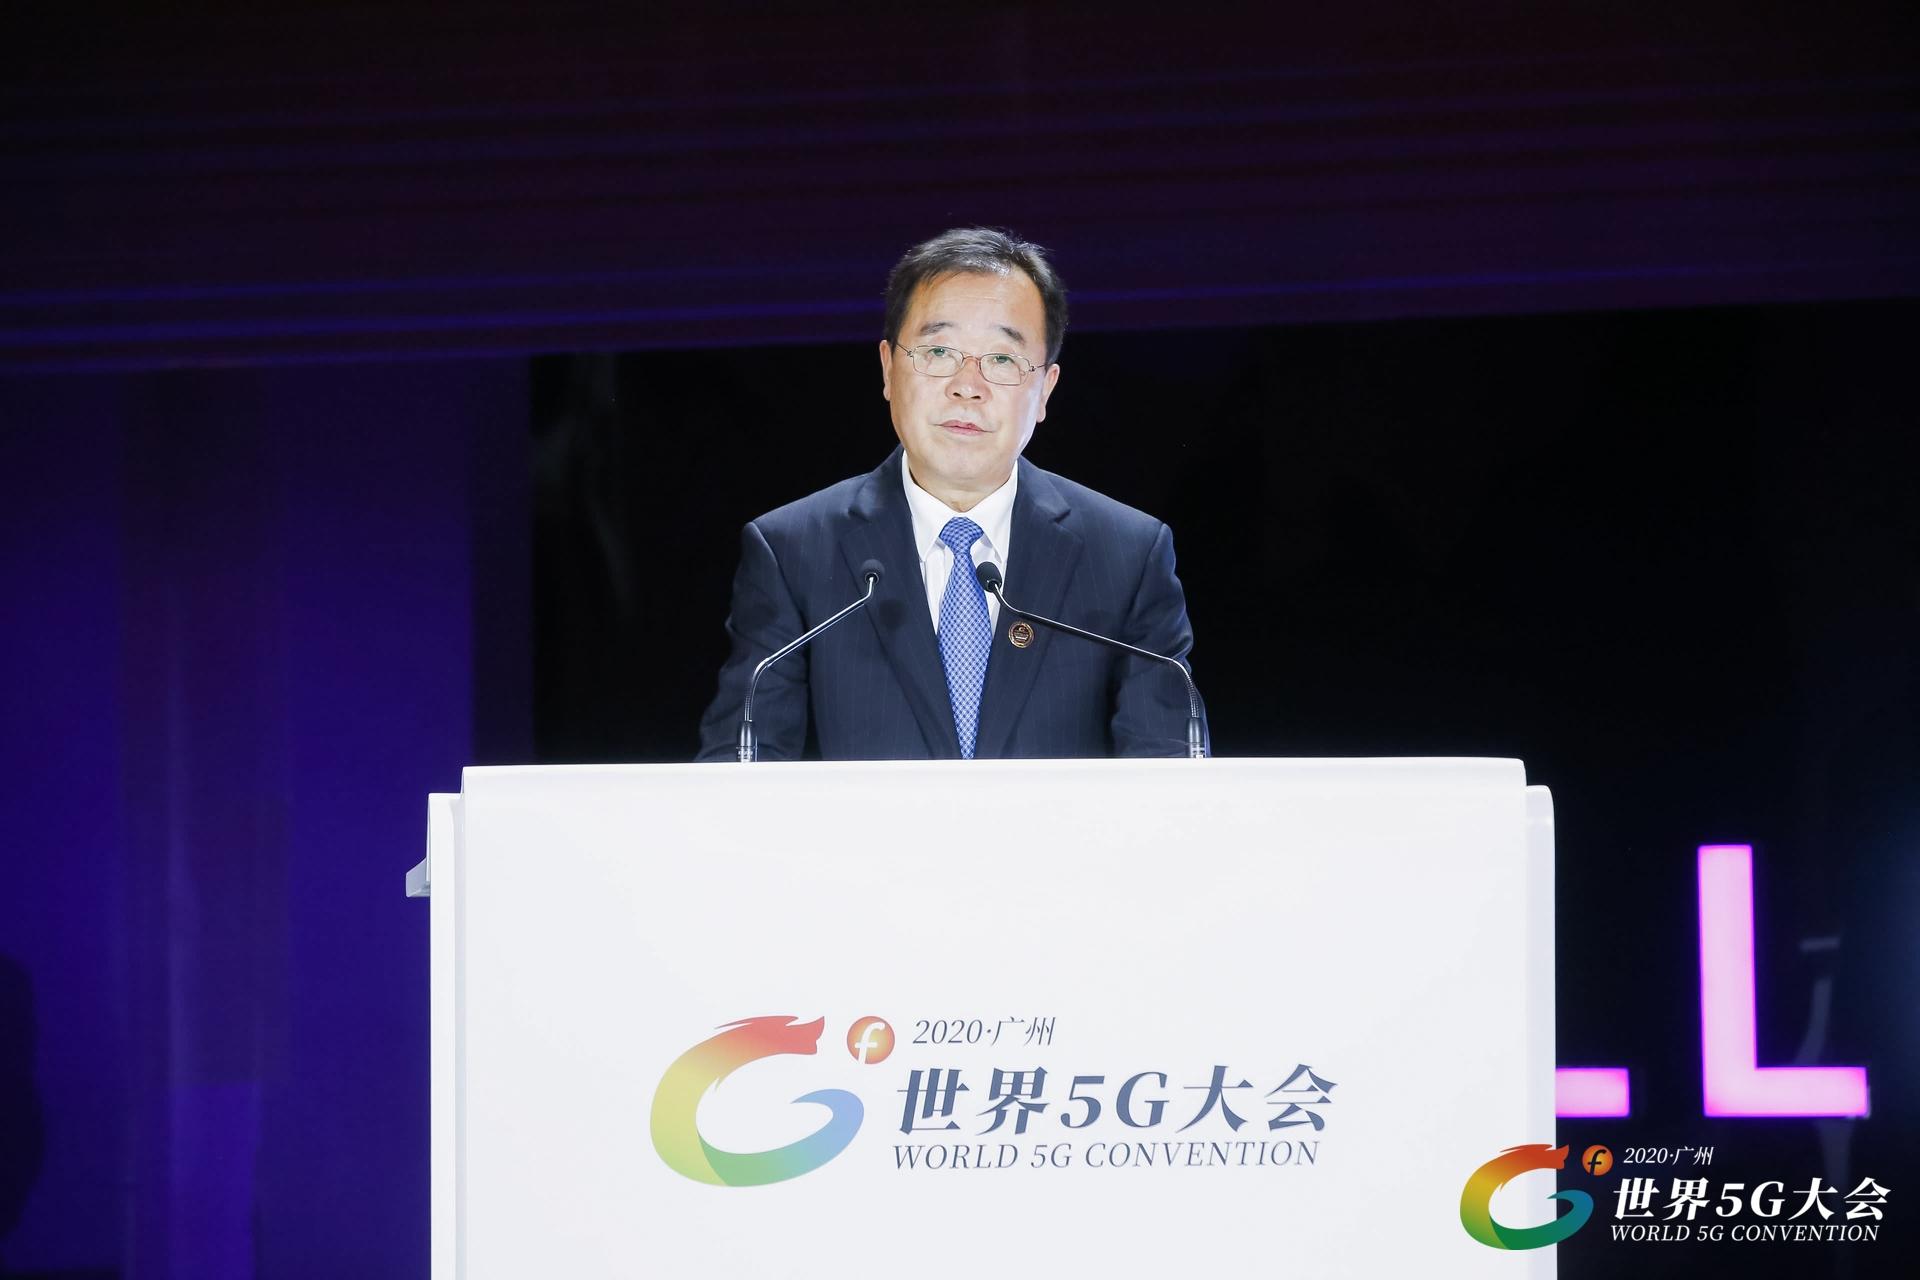 中国铁塔董事长佟吉禄:承建5G基站超70万个 97%是复用共享